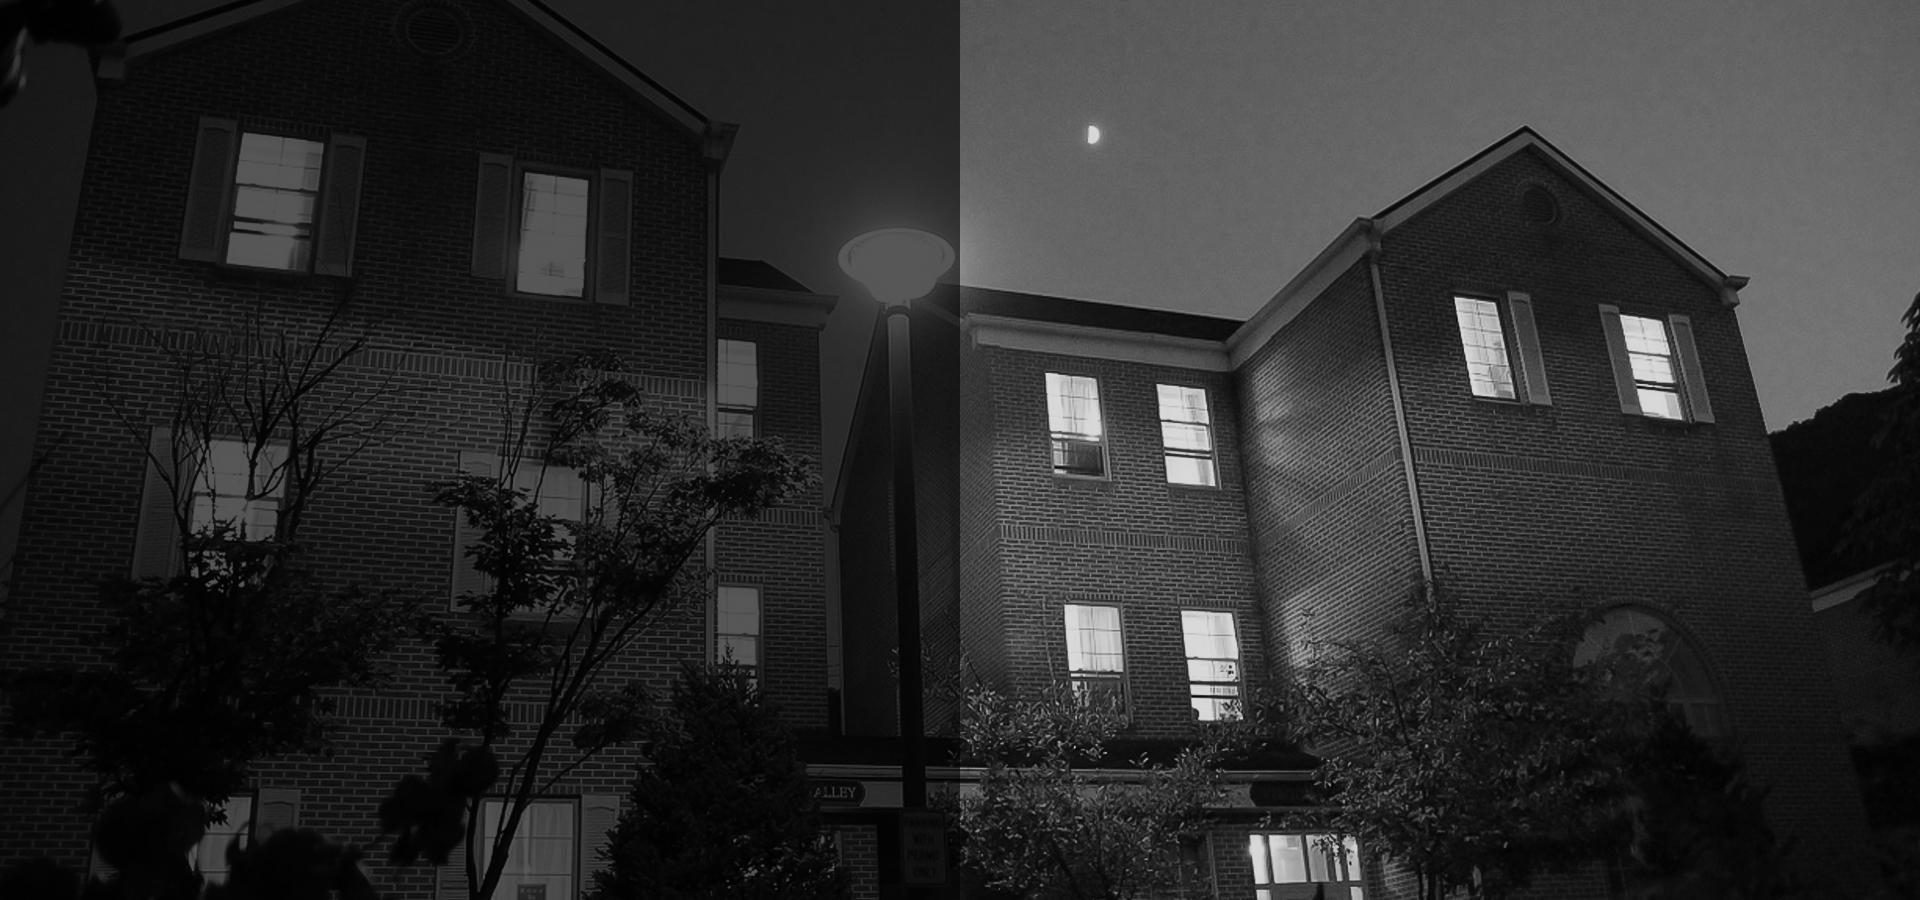 Doskonała widoczność w nocy